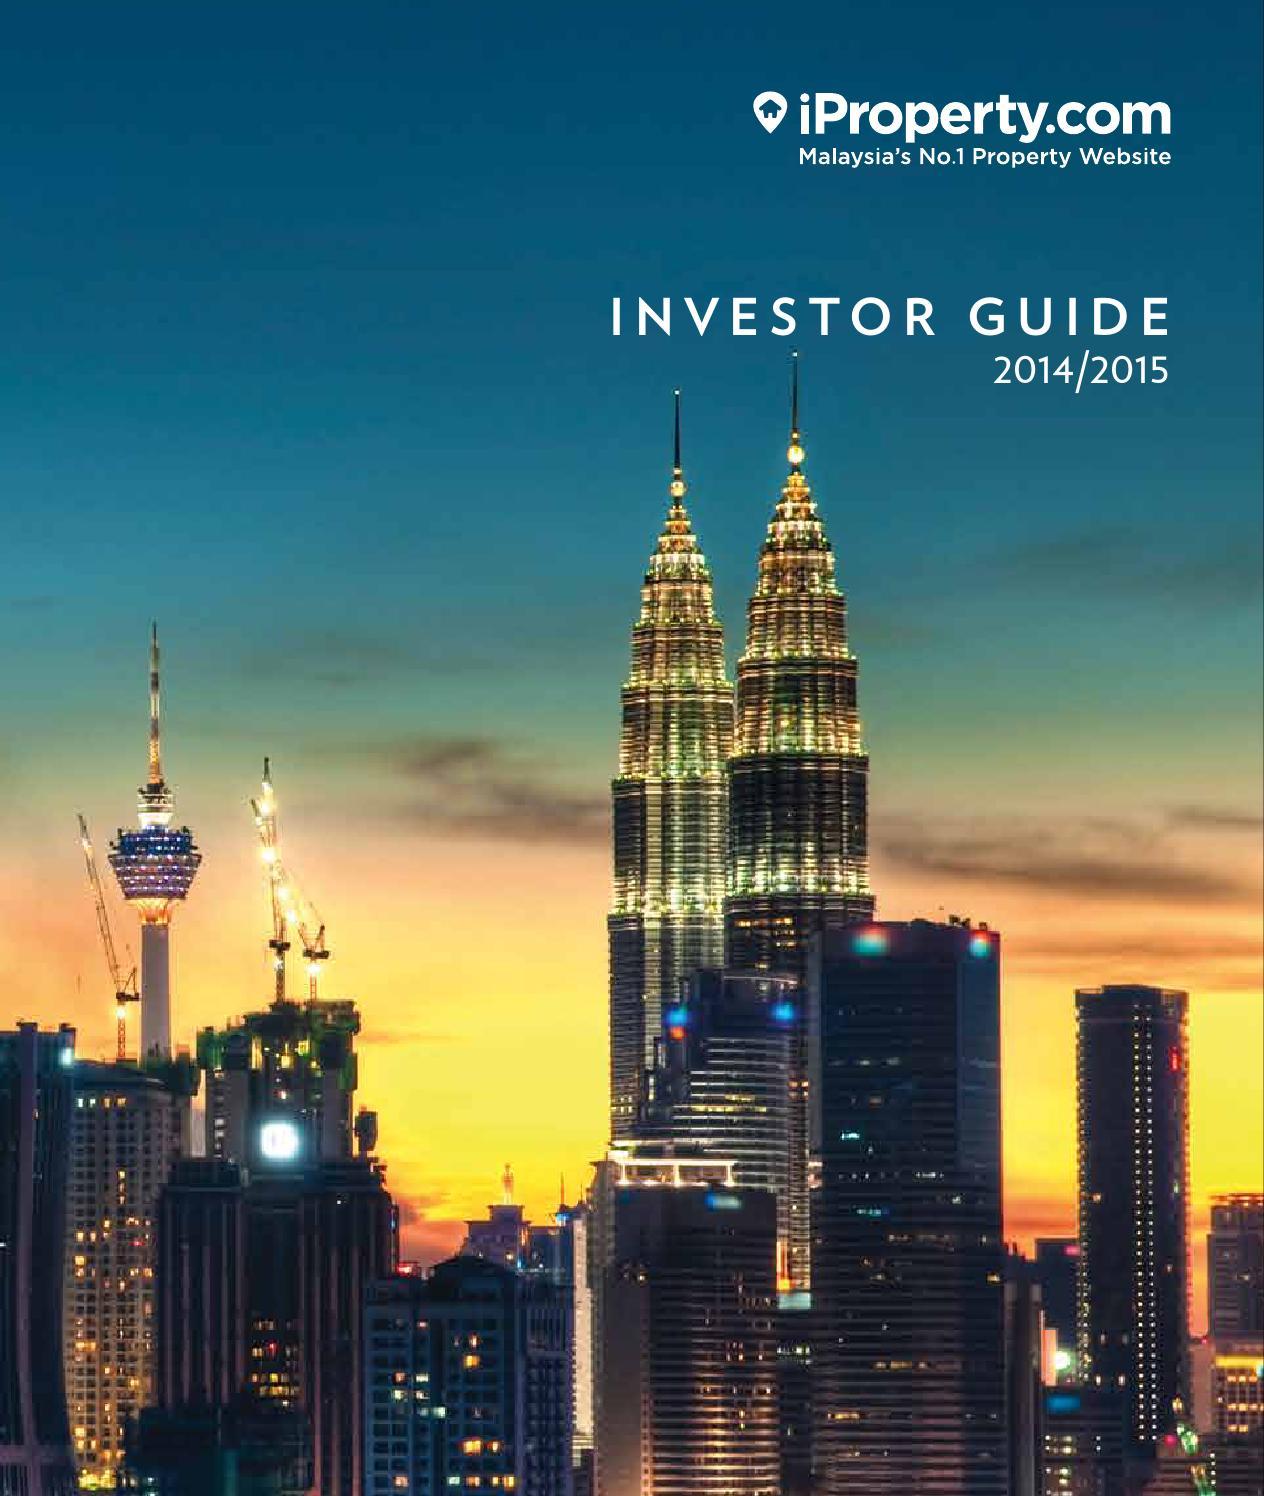 Ipropertycom Malaysia Investor Guide 2014 2015 By Issuu Cat Emas Pinang Padi